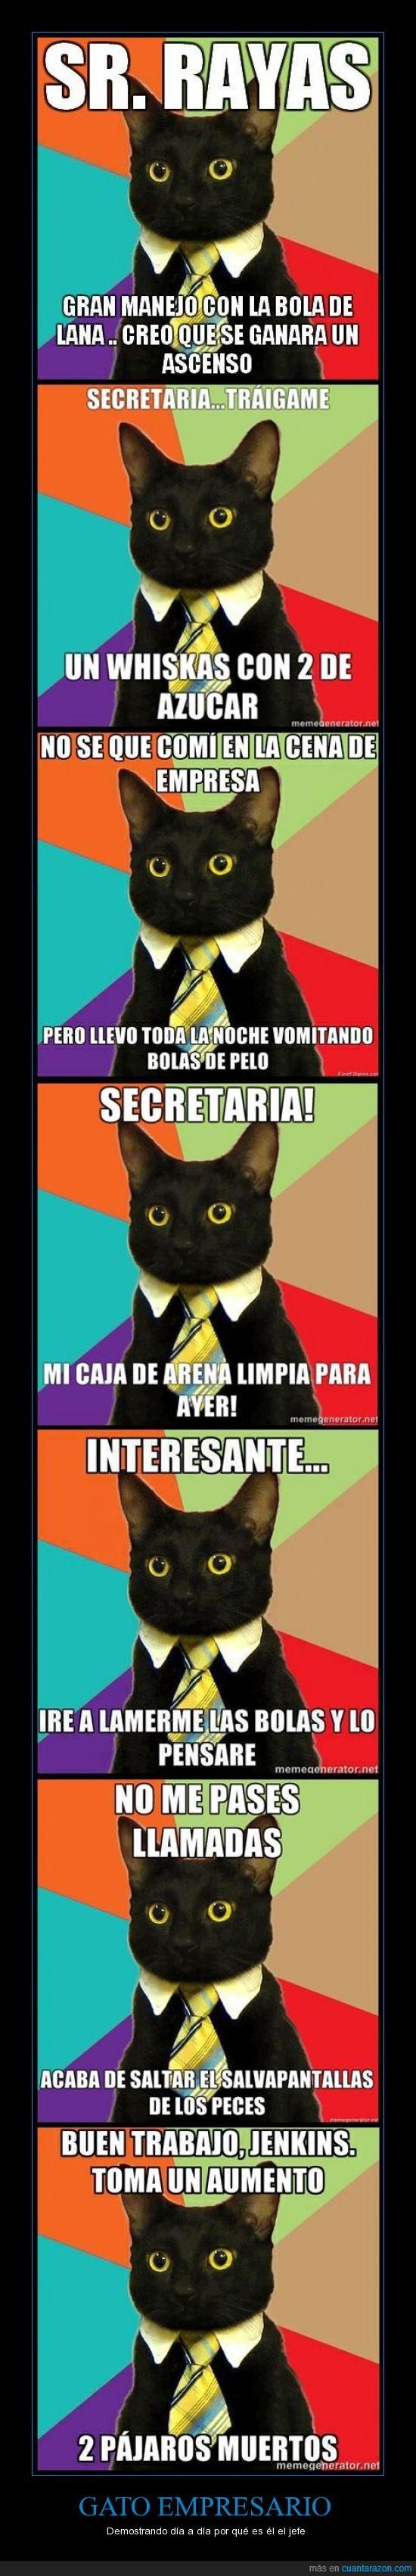 bolas de pelos,corbata,empresario,gato,jenkins,secretaria,whiskas